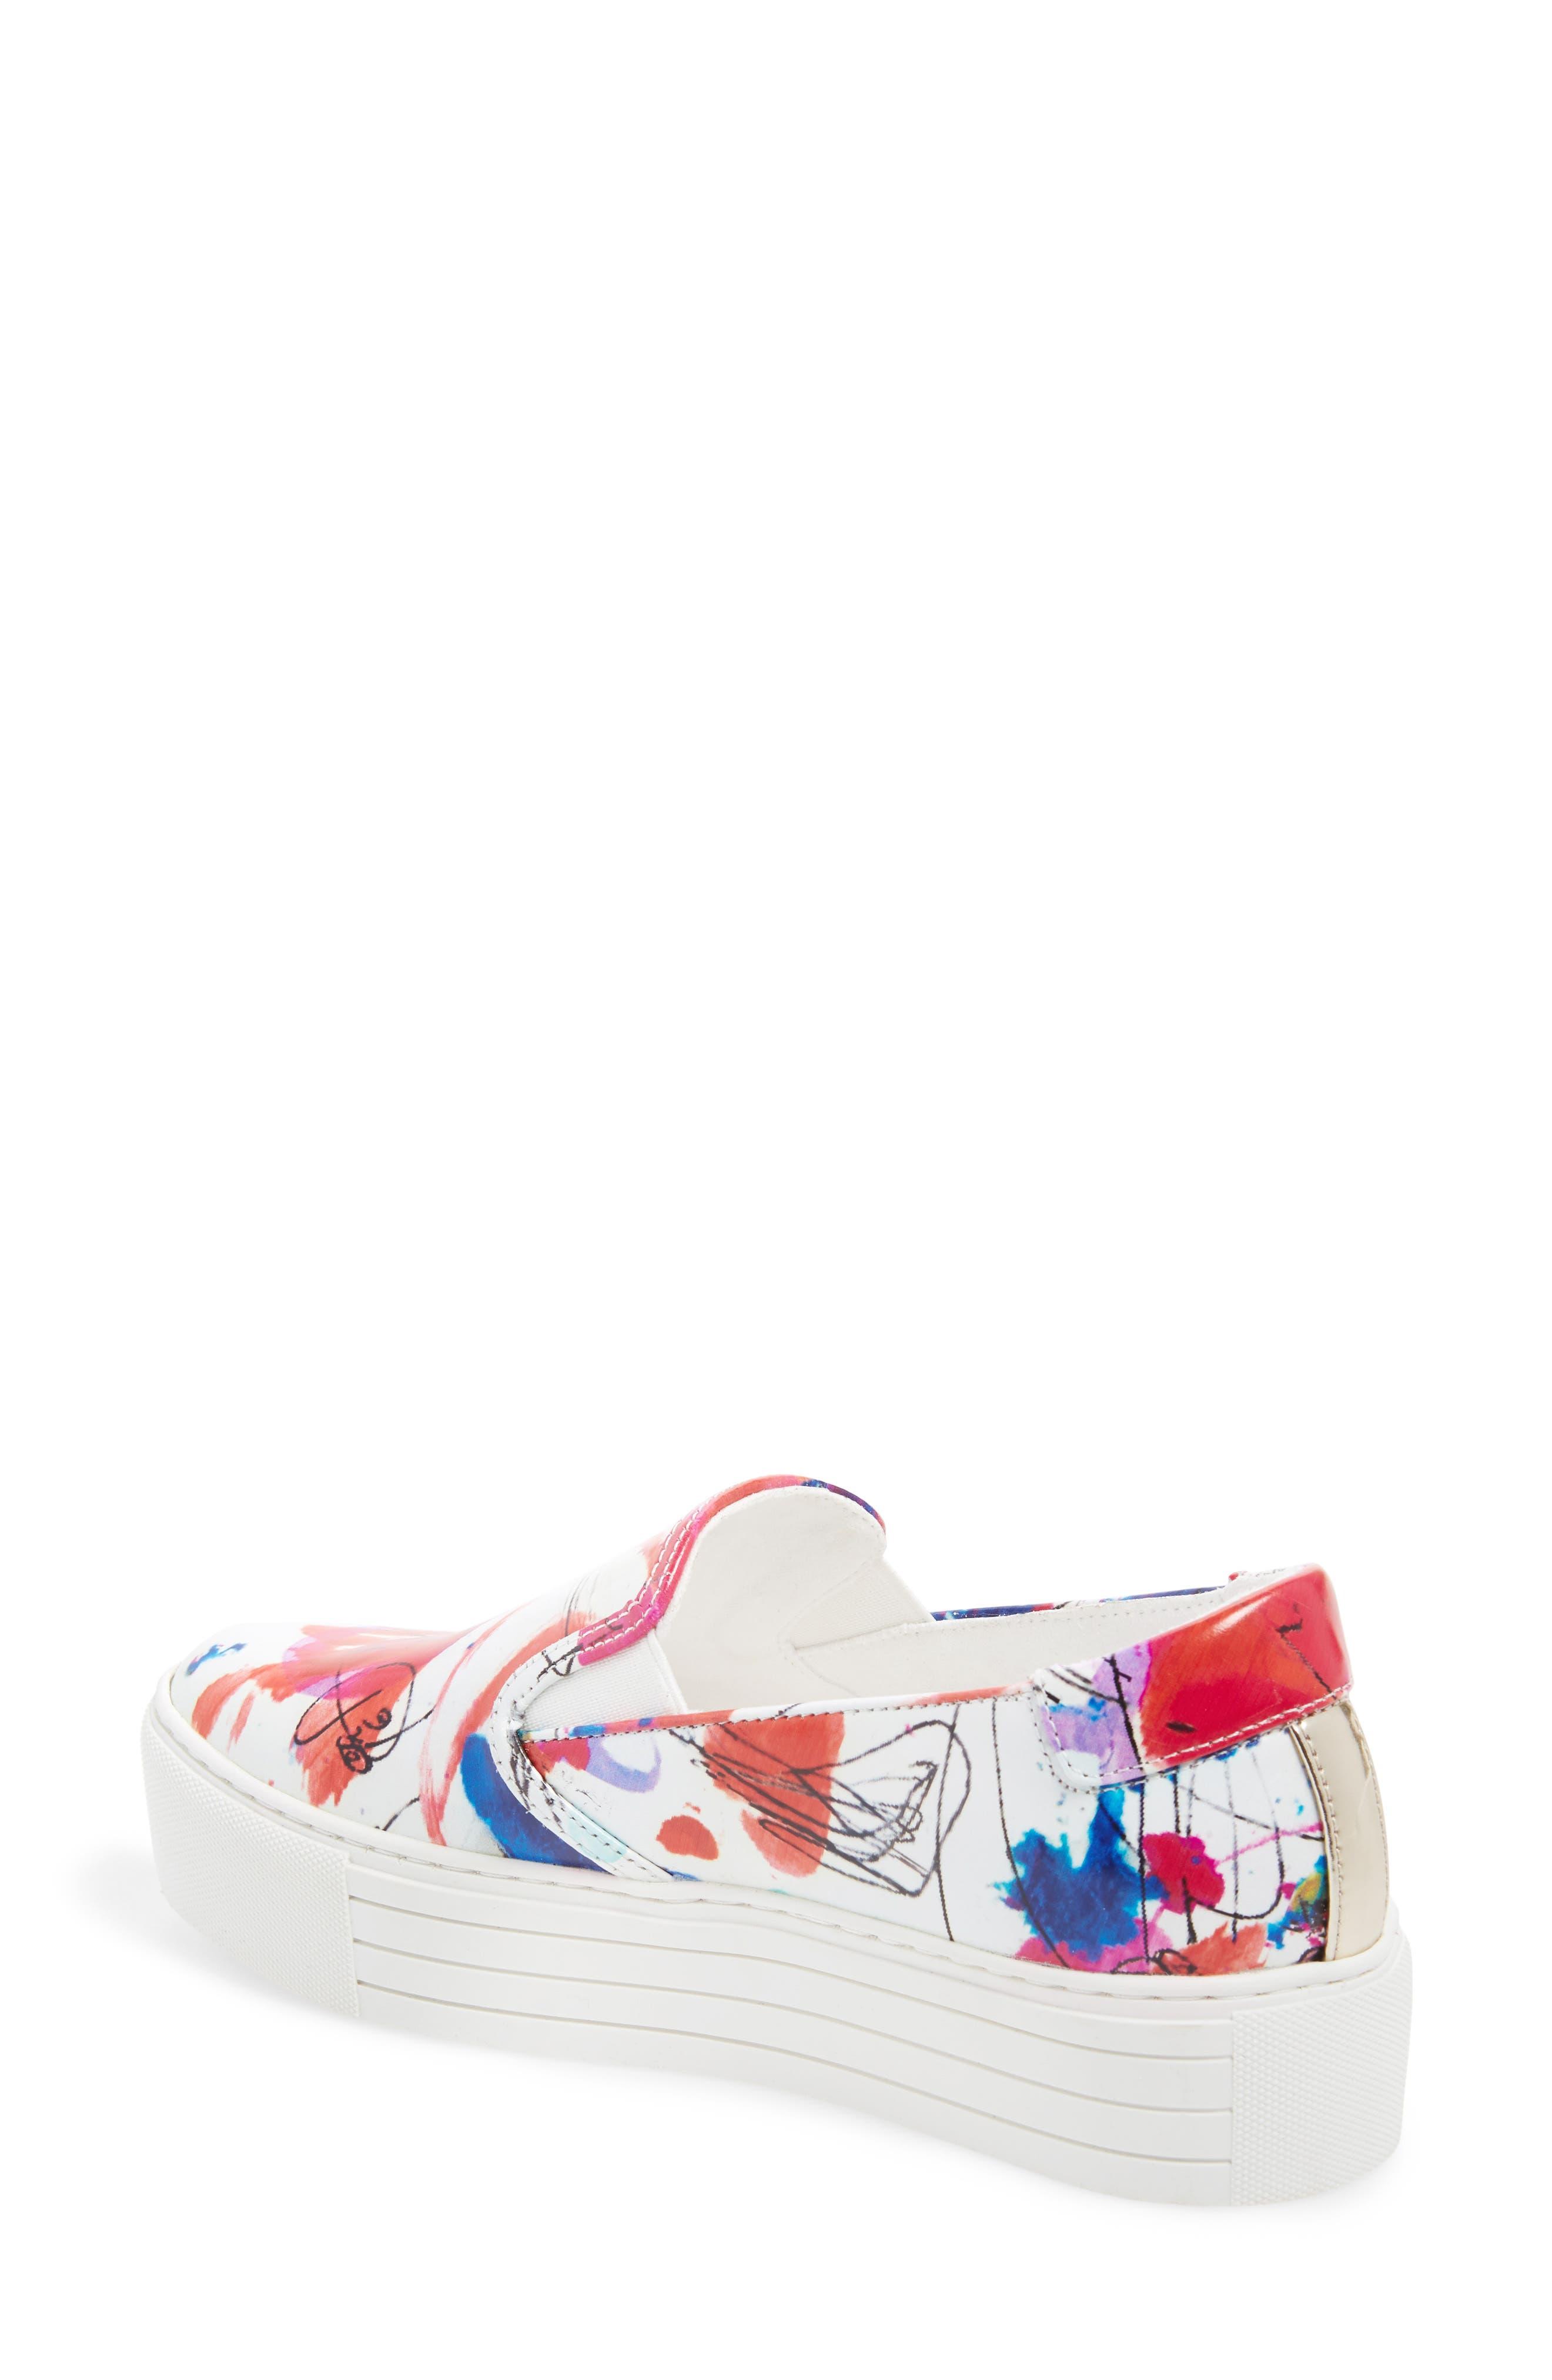 Joanie Slip-On Platform Sneaker,                             Alternate thumbnail 2, color,                             White Multi Print Leather